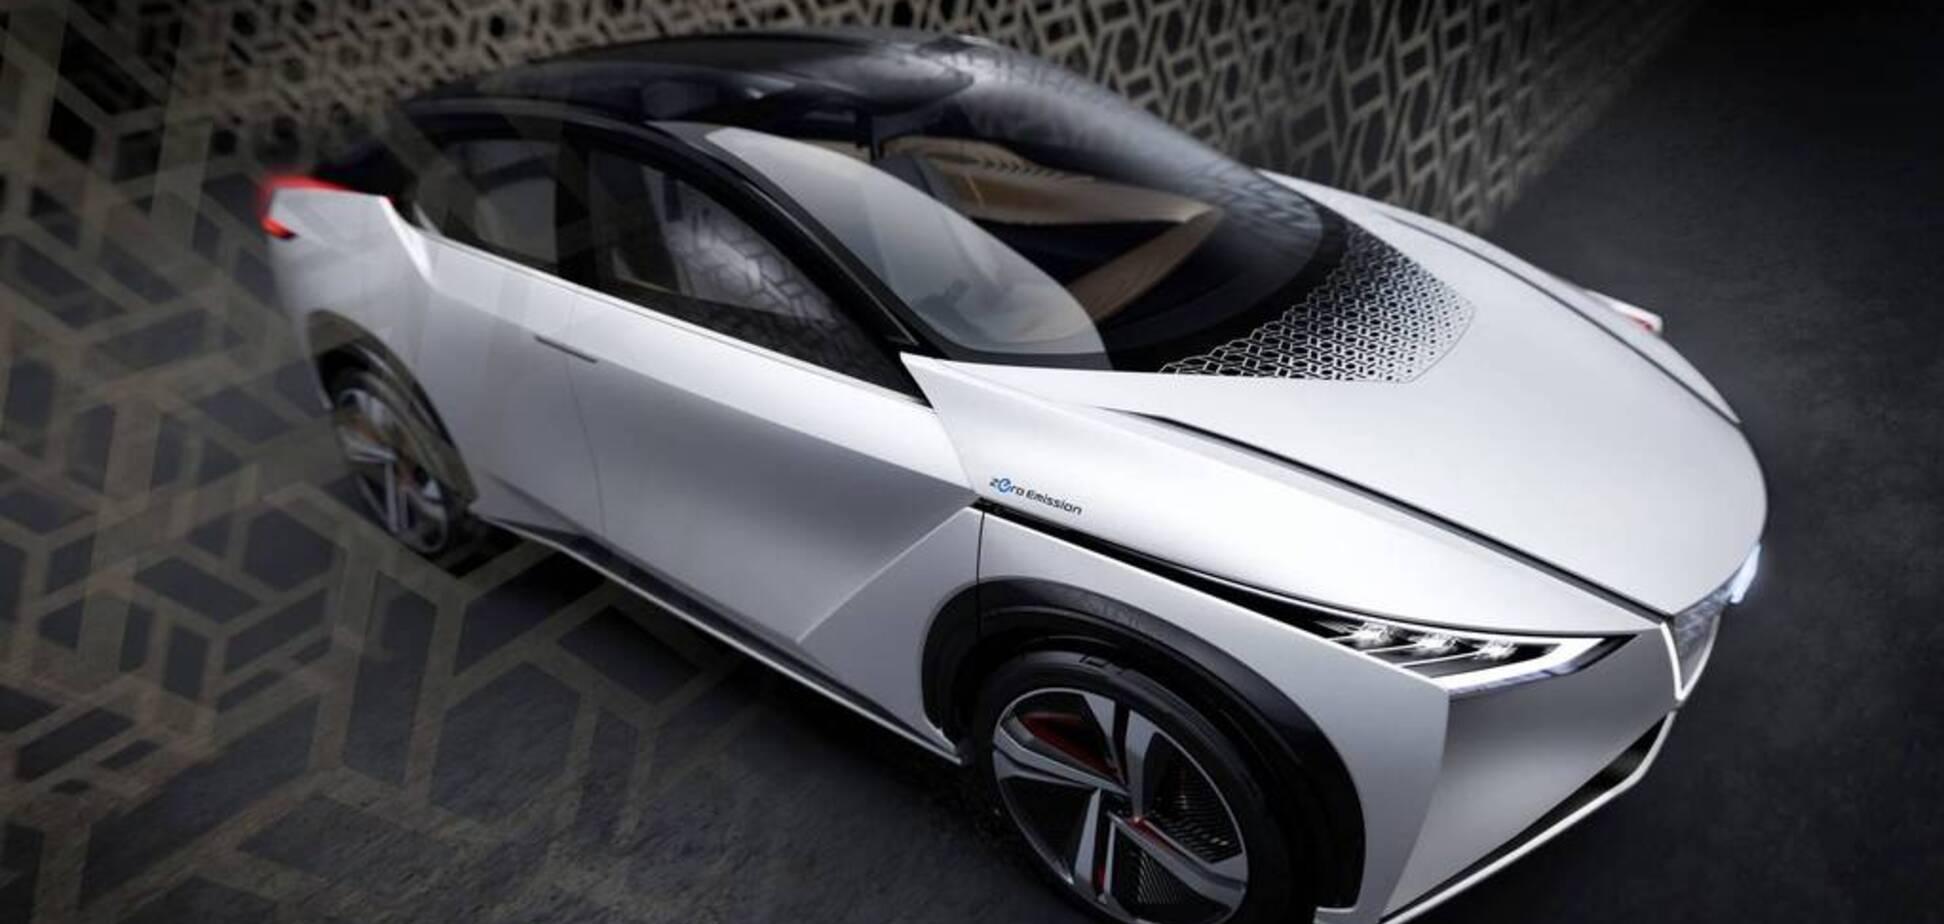 Конкурент Tesla: Nissan анонсировал выход мощного внедорожного электрокара